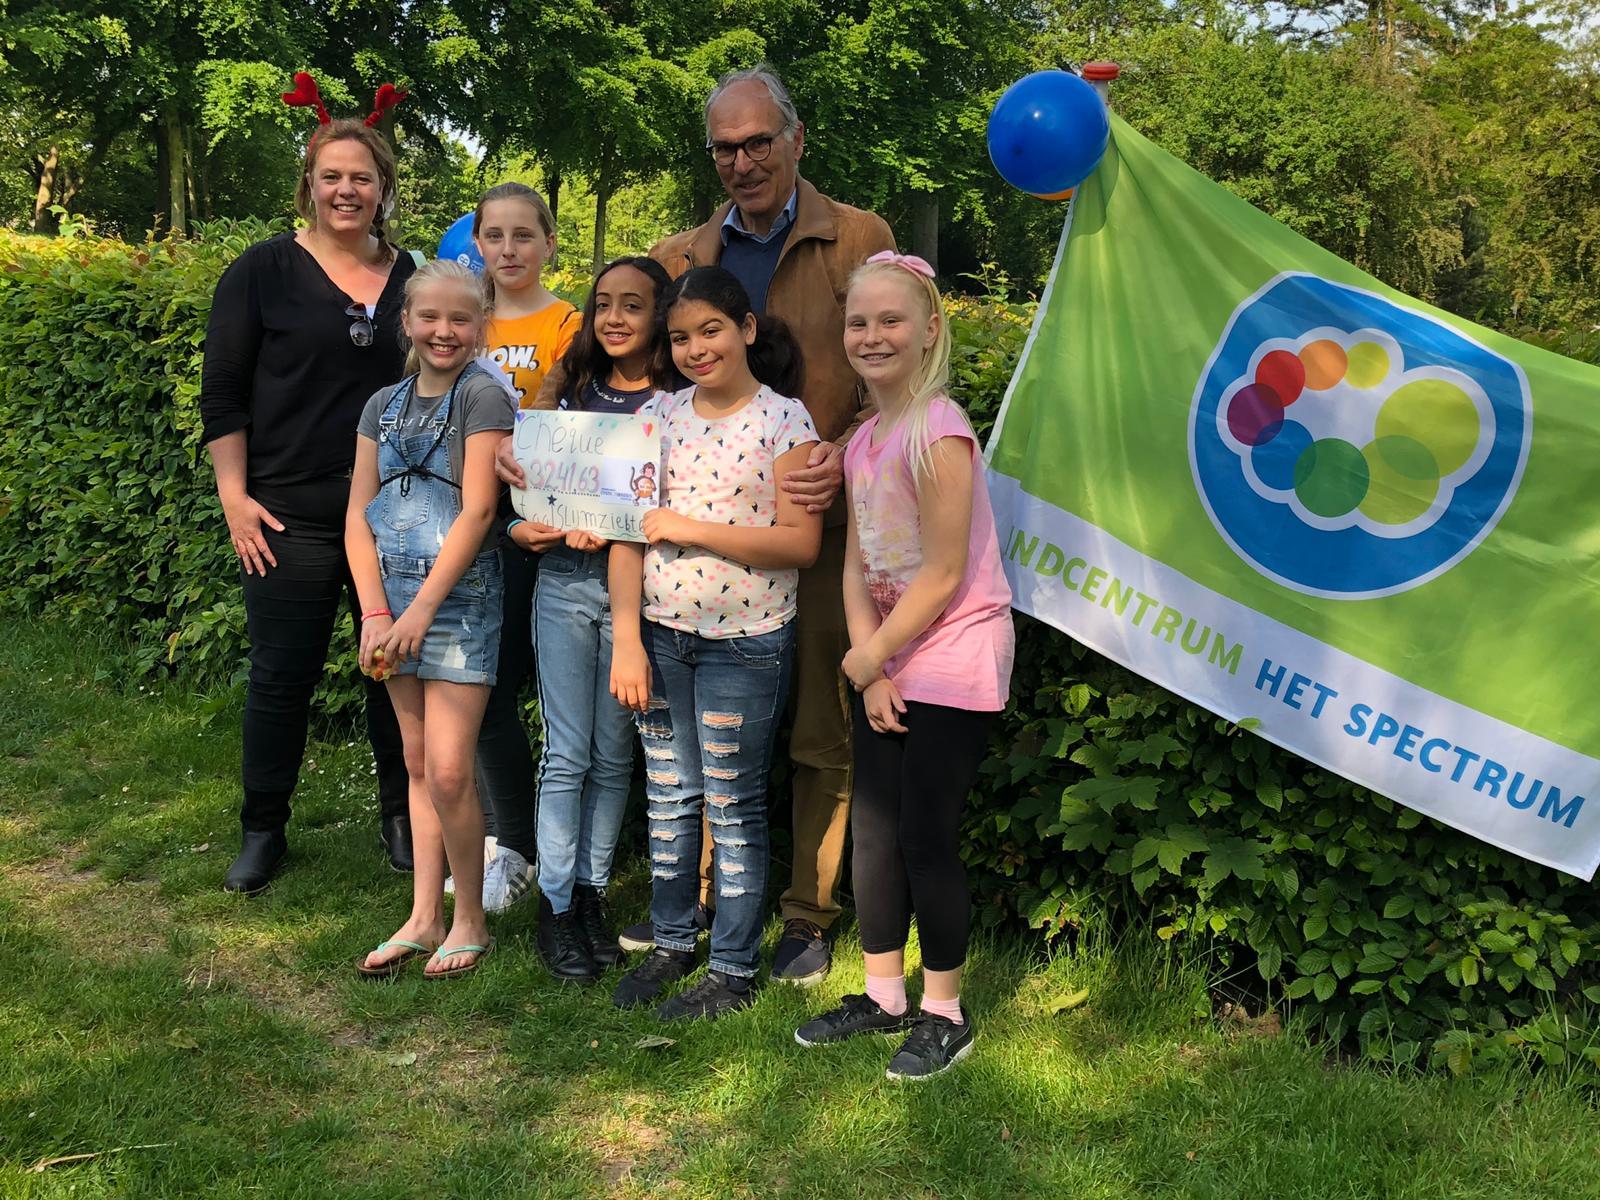 Het Spectrum haalt geld op voor Cystic Fibrosis Stichting